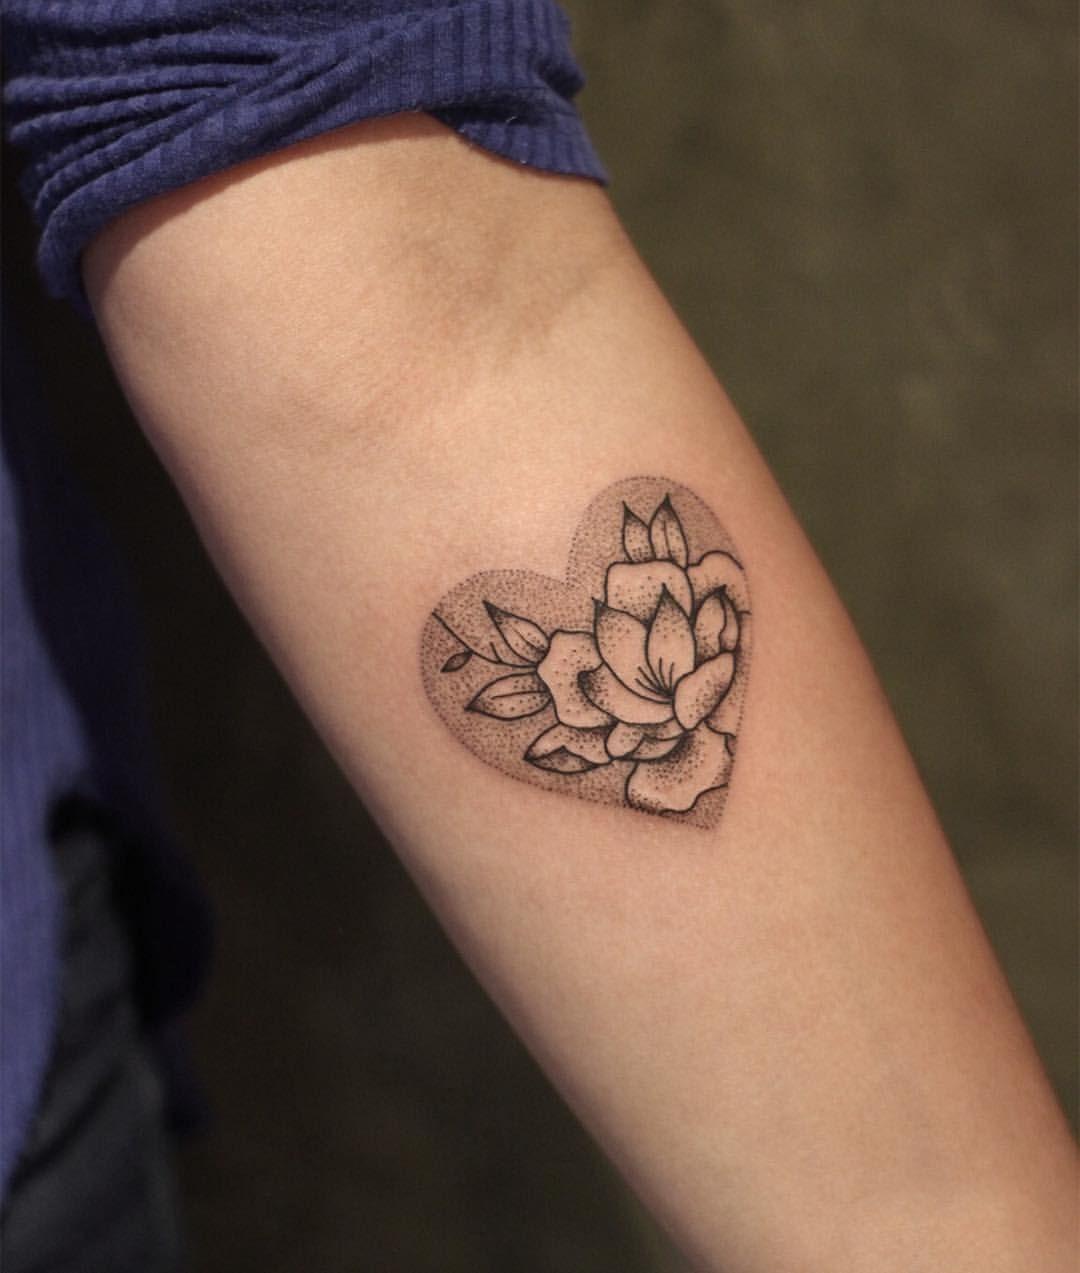 87eda805a7022 Valeu @roberta.fernandess 🖤 | Tattoo idea | Tattoos, Animal tattoos ...